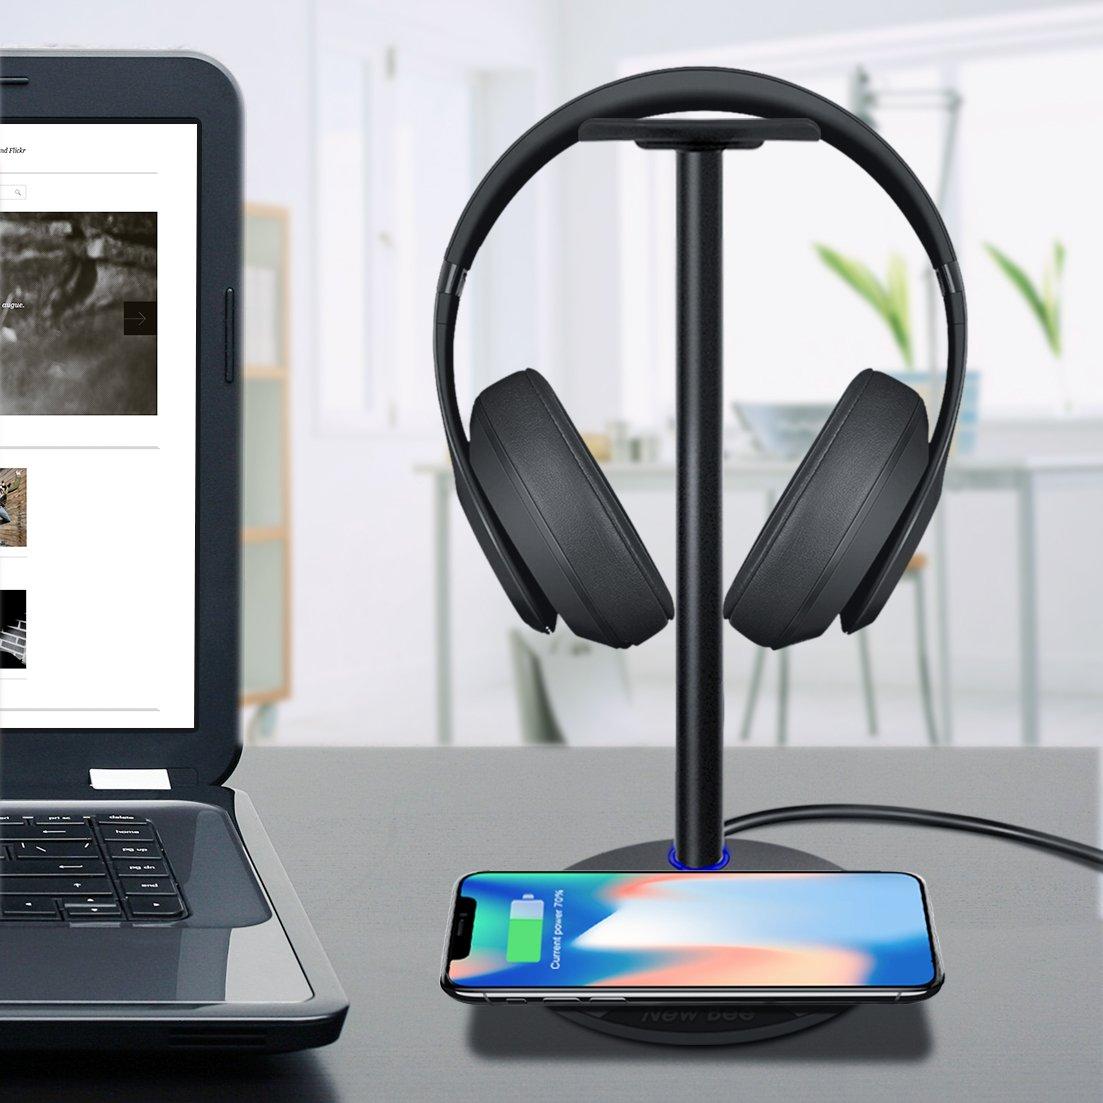 Kopfhörer Ständer mit Wireless Charger New Bee 2 in 1, Stabiles Wireless Pharging Pad mit Game Headset Ständer für Das iPhone 8/8 Plus/X, Samsung S8/8 Plus S7/S7 Edge/S6/S6 Edge mit LED-Anzeige